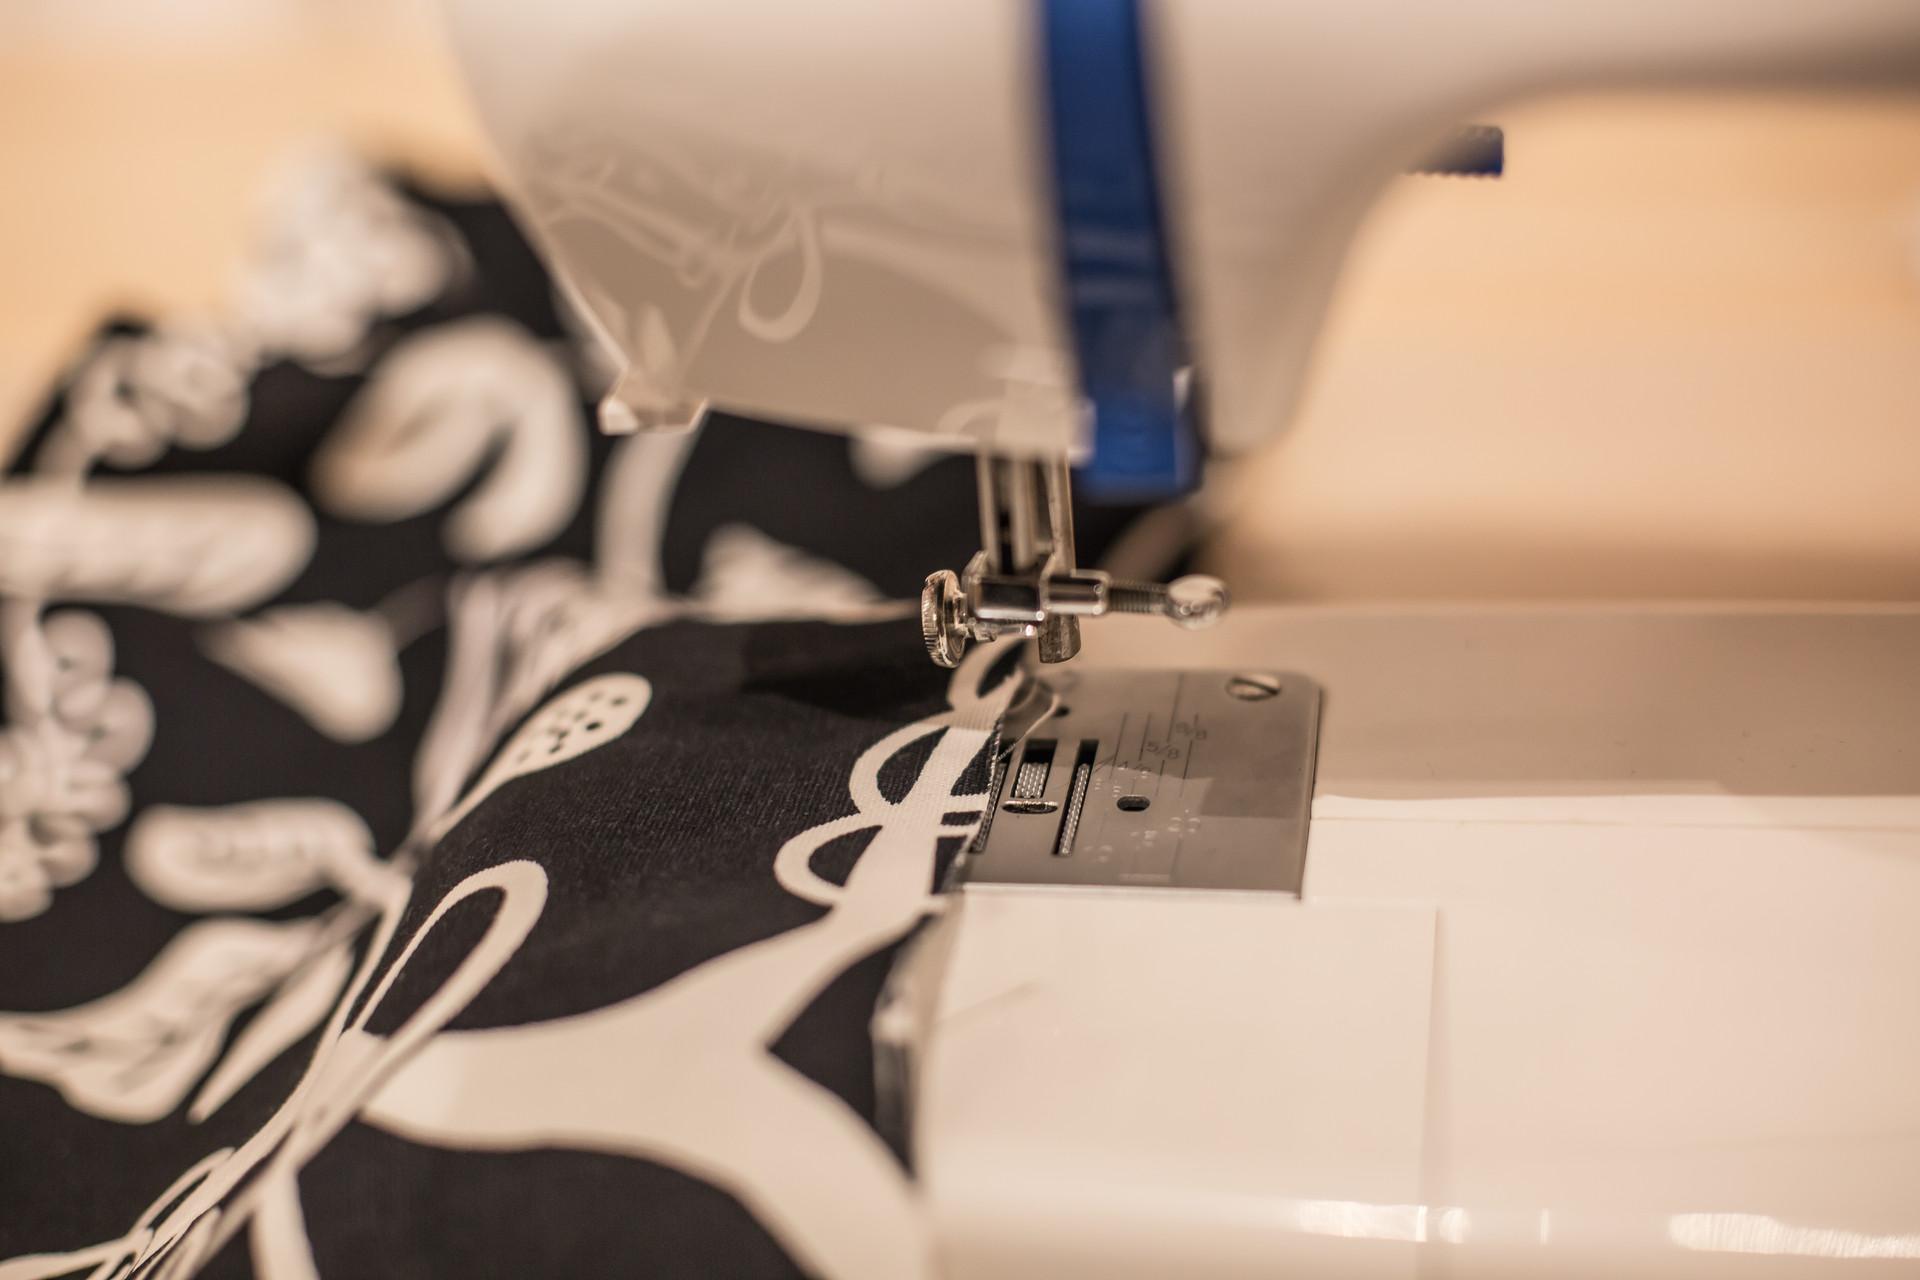 智能纤维研究获新进展 衣服可变色太阳能电池织布